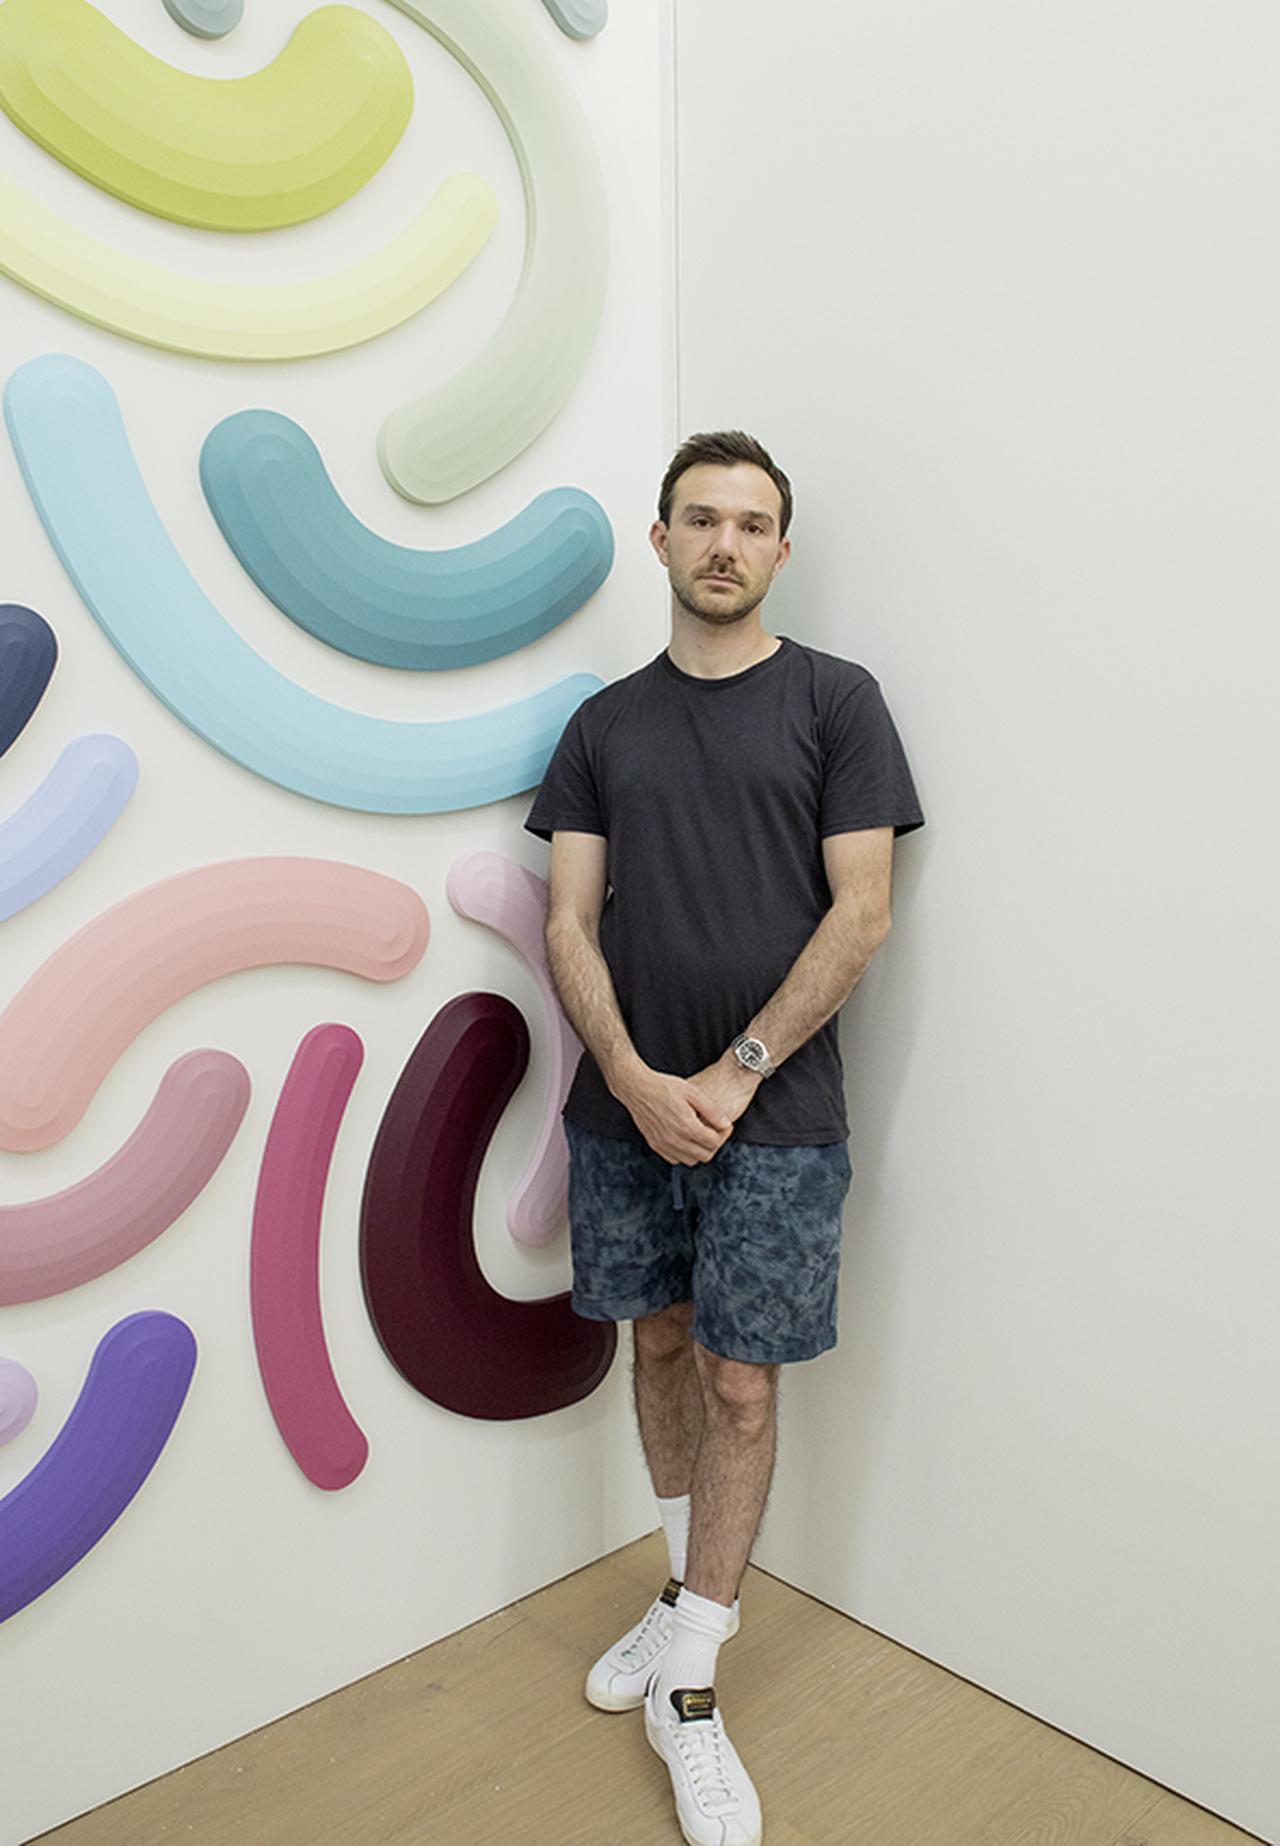 Images : 3番目の画像 - 「色彩とかたちをあやつる ジョシュ・スパーリングの 新しい抽象芸術」のアルバム - T JAPAN:The New York Times Style Magazine 公式サイト